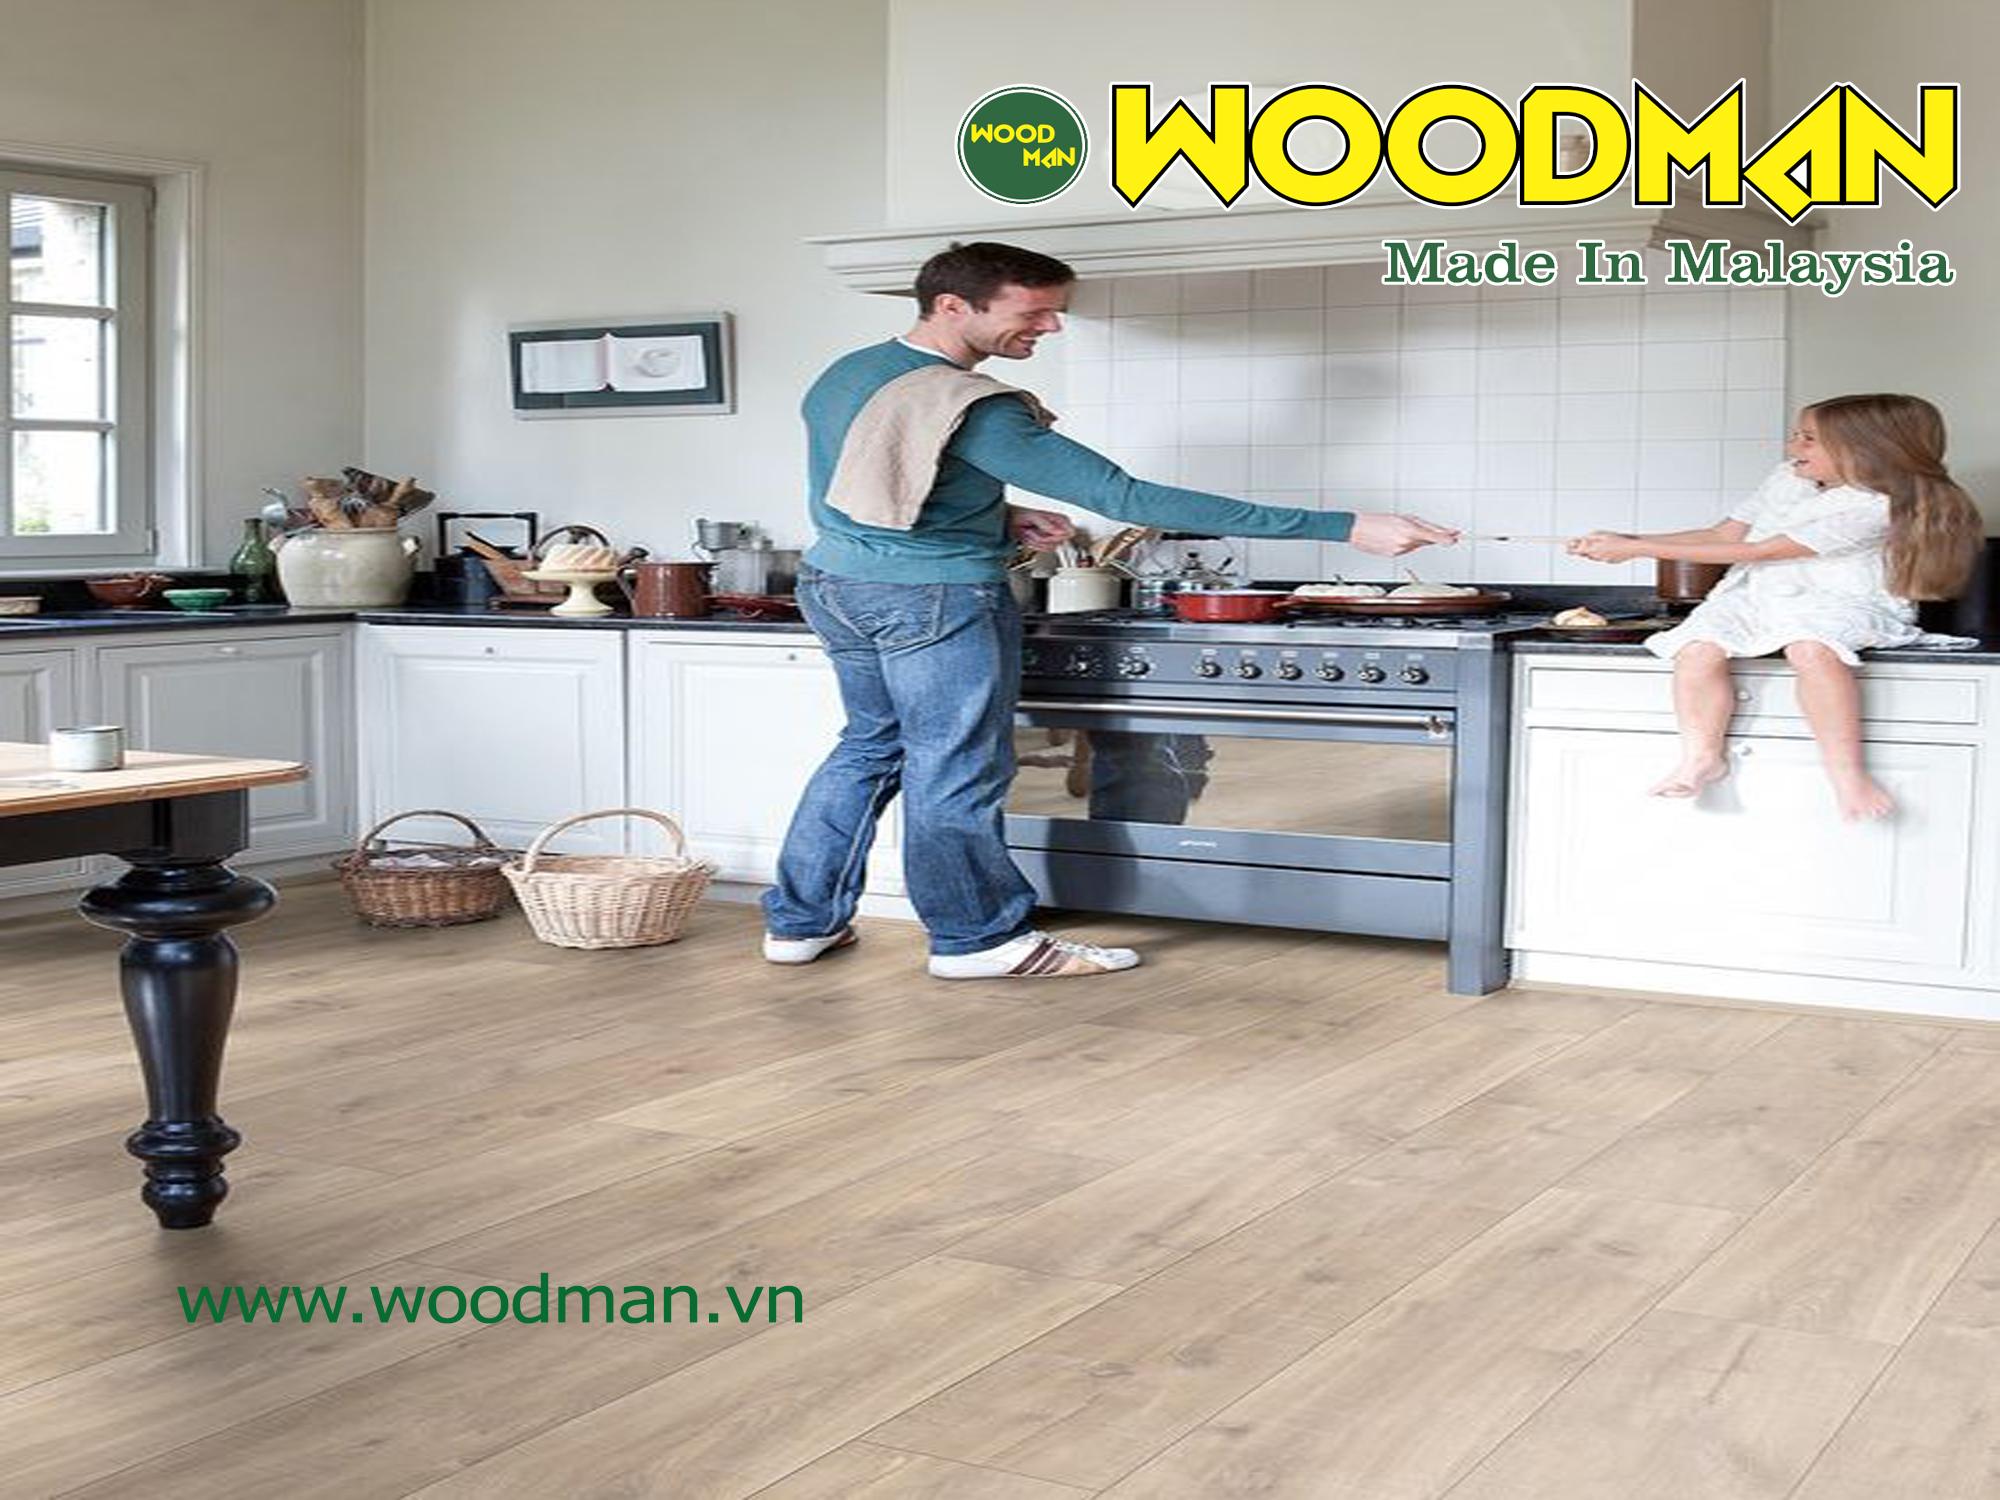 Sàn gỗ Woodman có khả năng điều hòa không khí, mang lại không gian thoải mái cho người sử dụng.